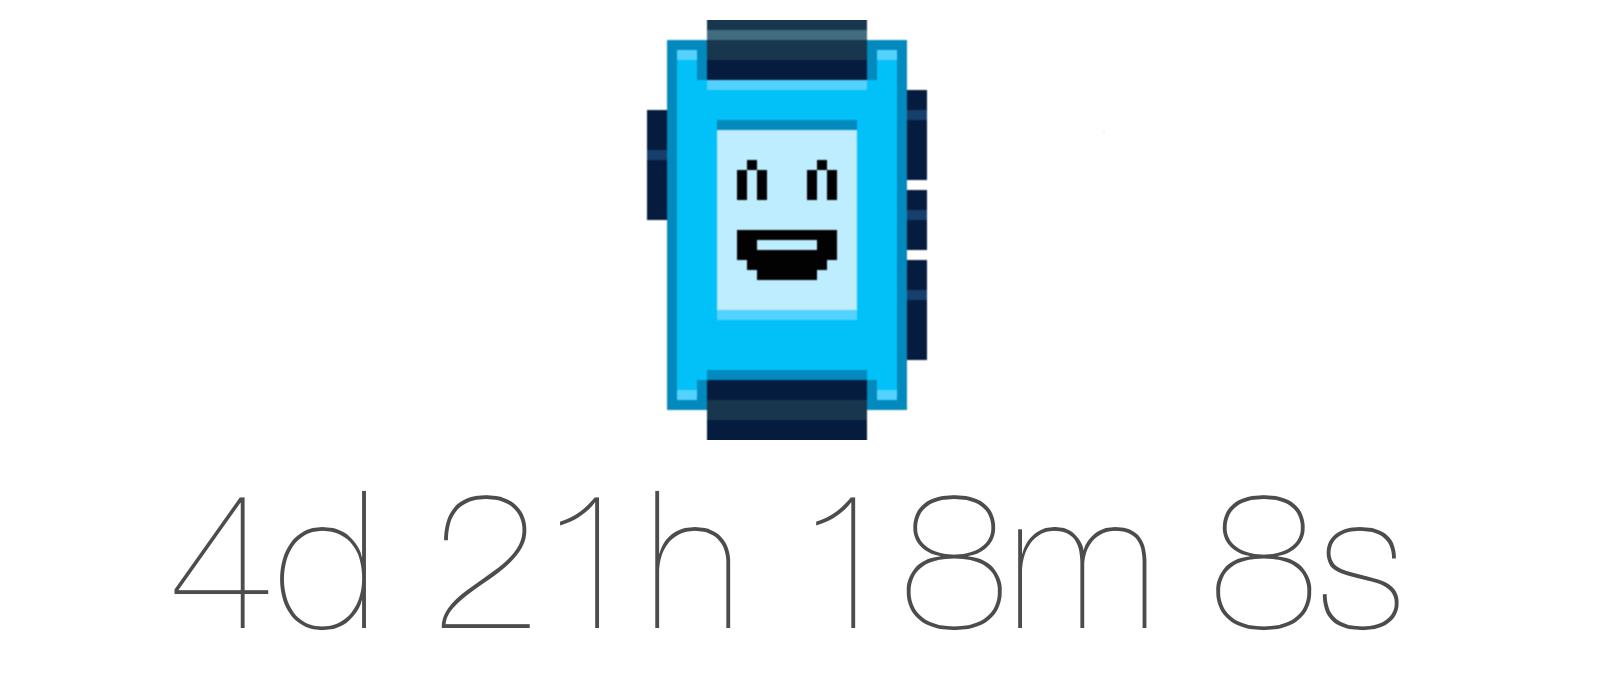 Новые часы Pebble получат новый дизайн, цветной дисплей и обновленную прошивку